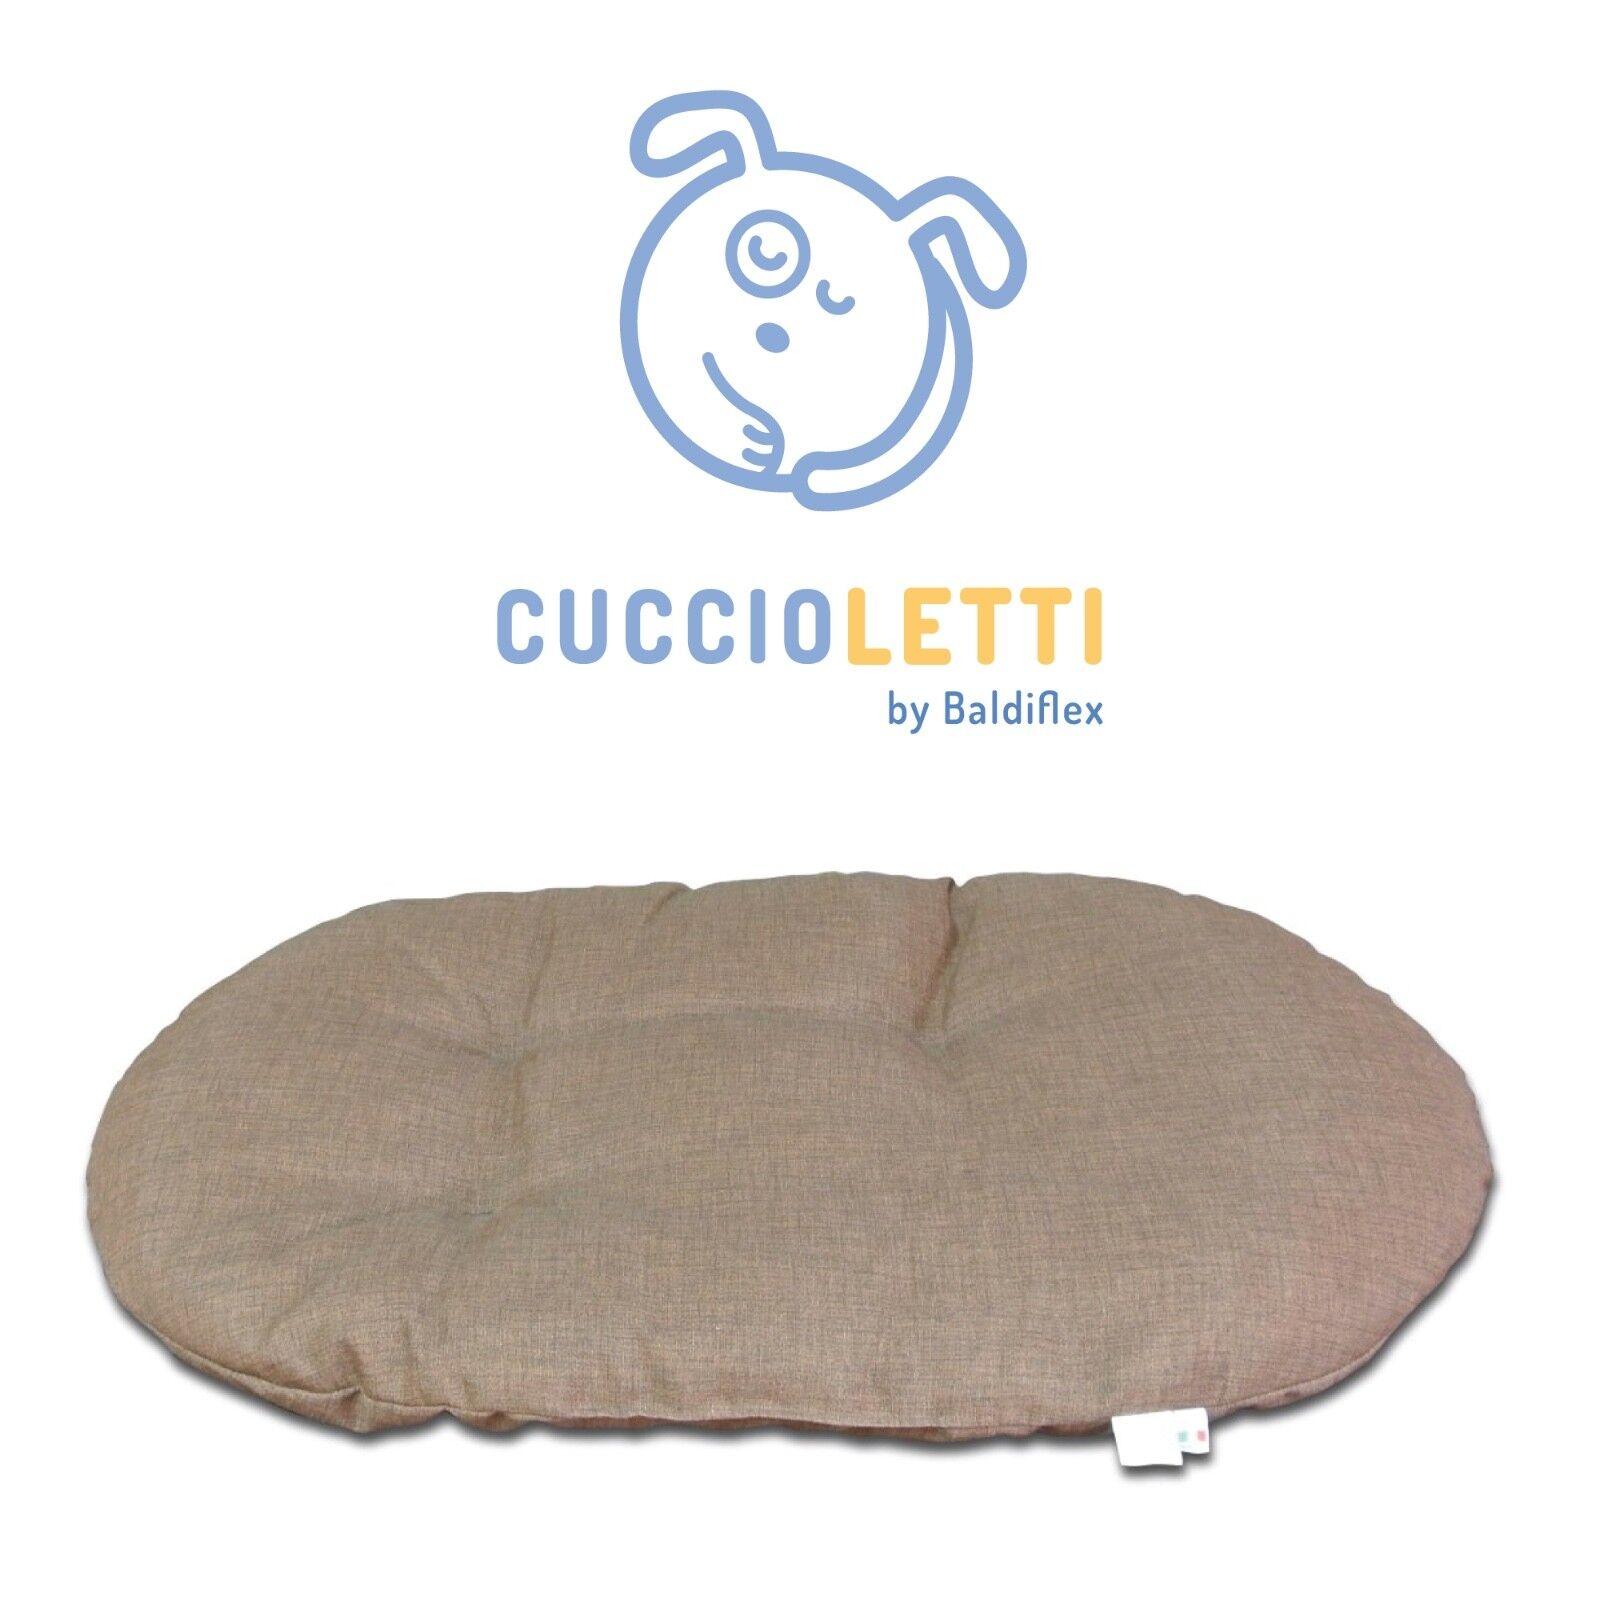 Cuccia Morbida Cuscino Materassino Letto Cane Gatto Willy Cuccioletti